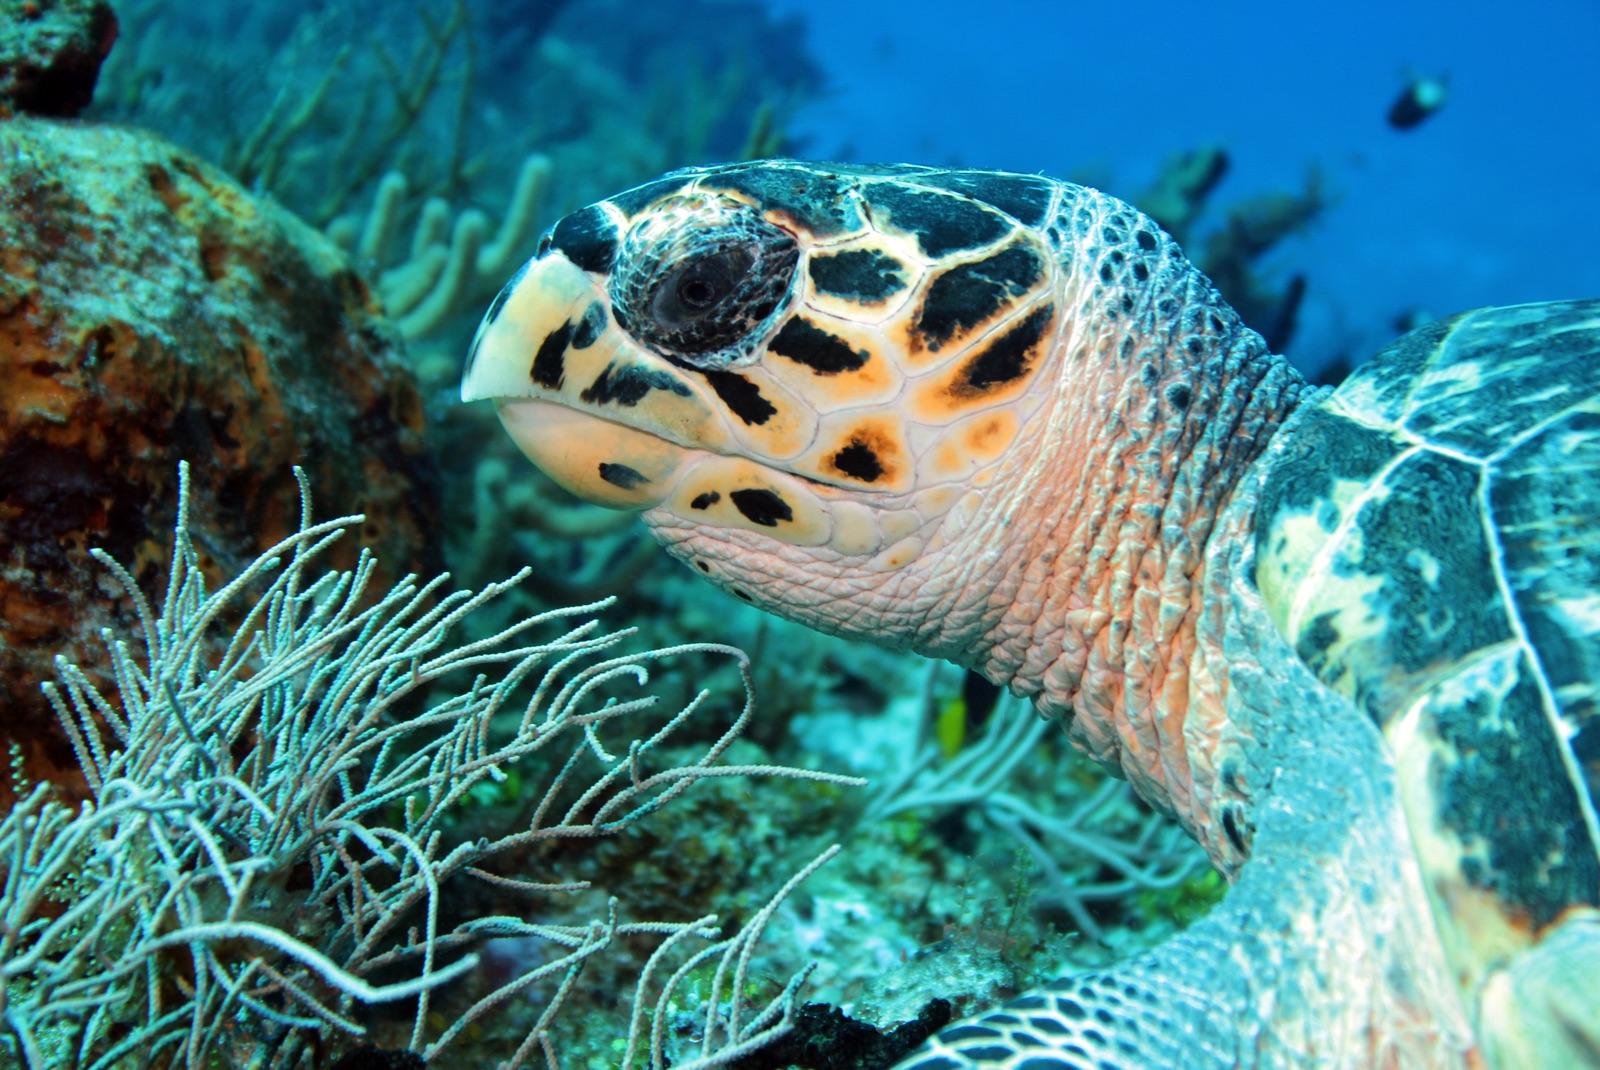 foto van reuzenschildpad onder water bij koraal